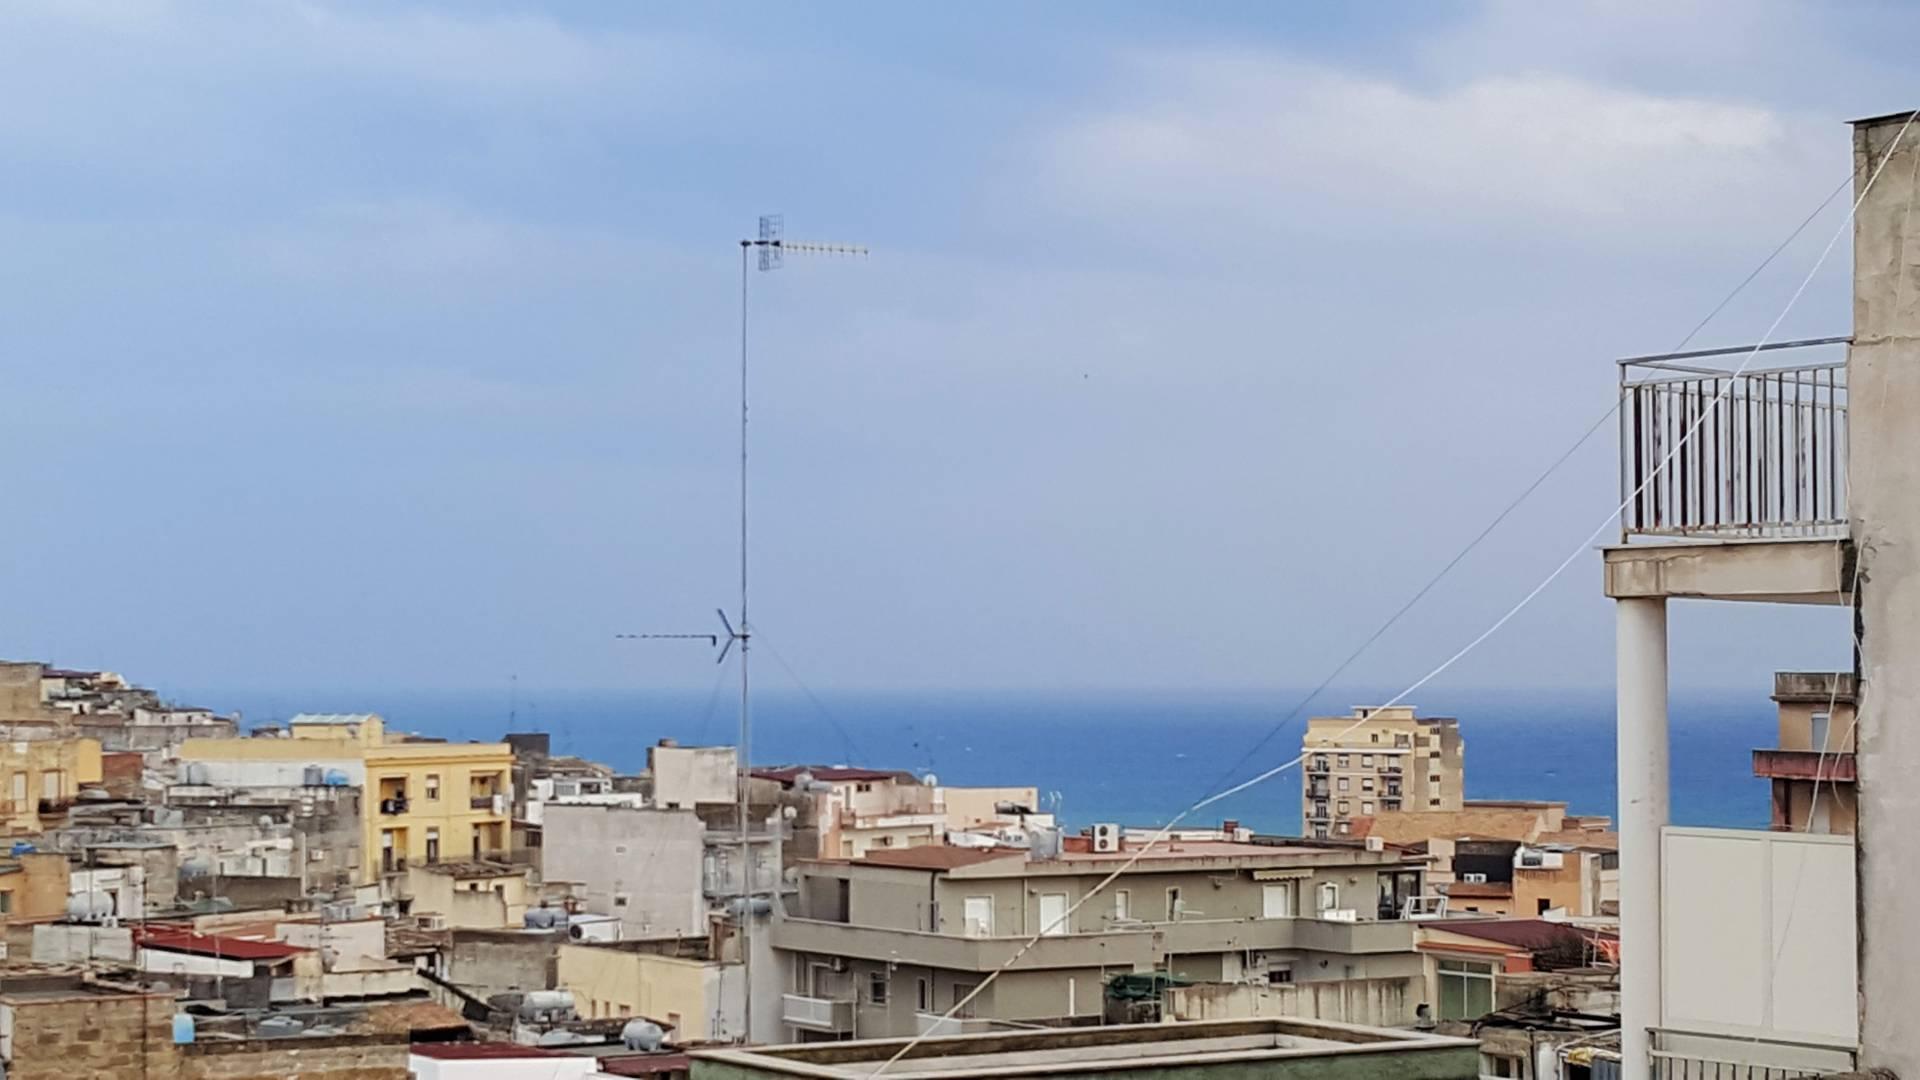 Appartamento in vendita a Sciacca, 4 locali, zona Località: DeGasperi, prezzo € 52.000   PortaleAgenzieImmobiliari.it